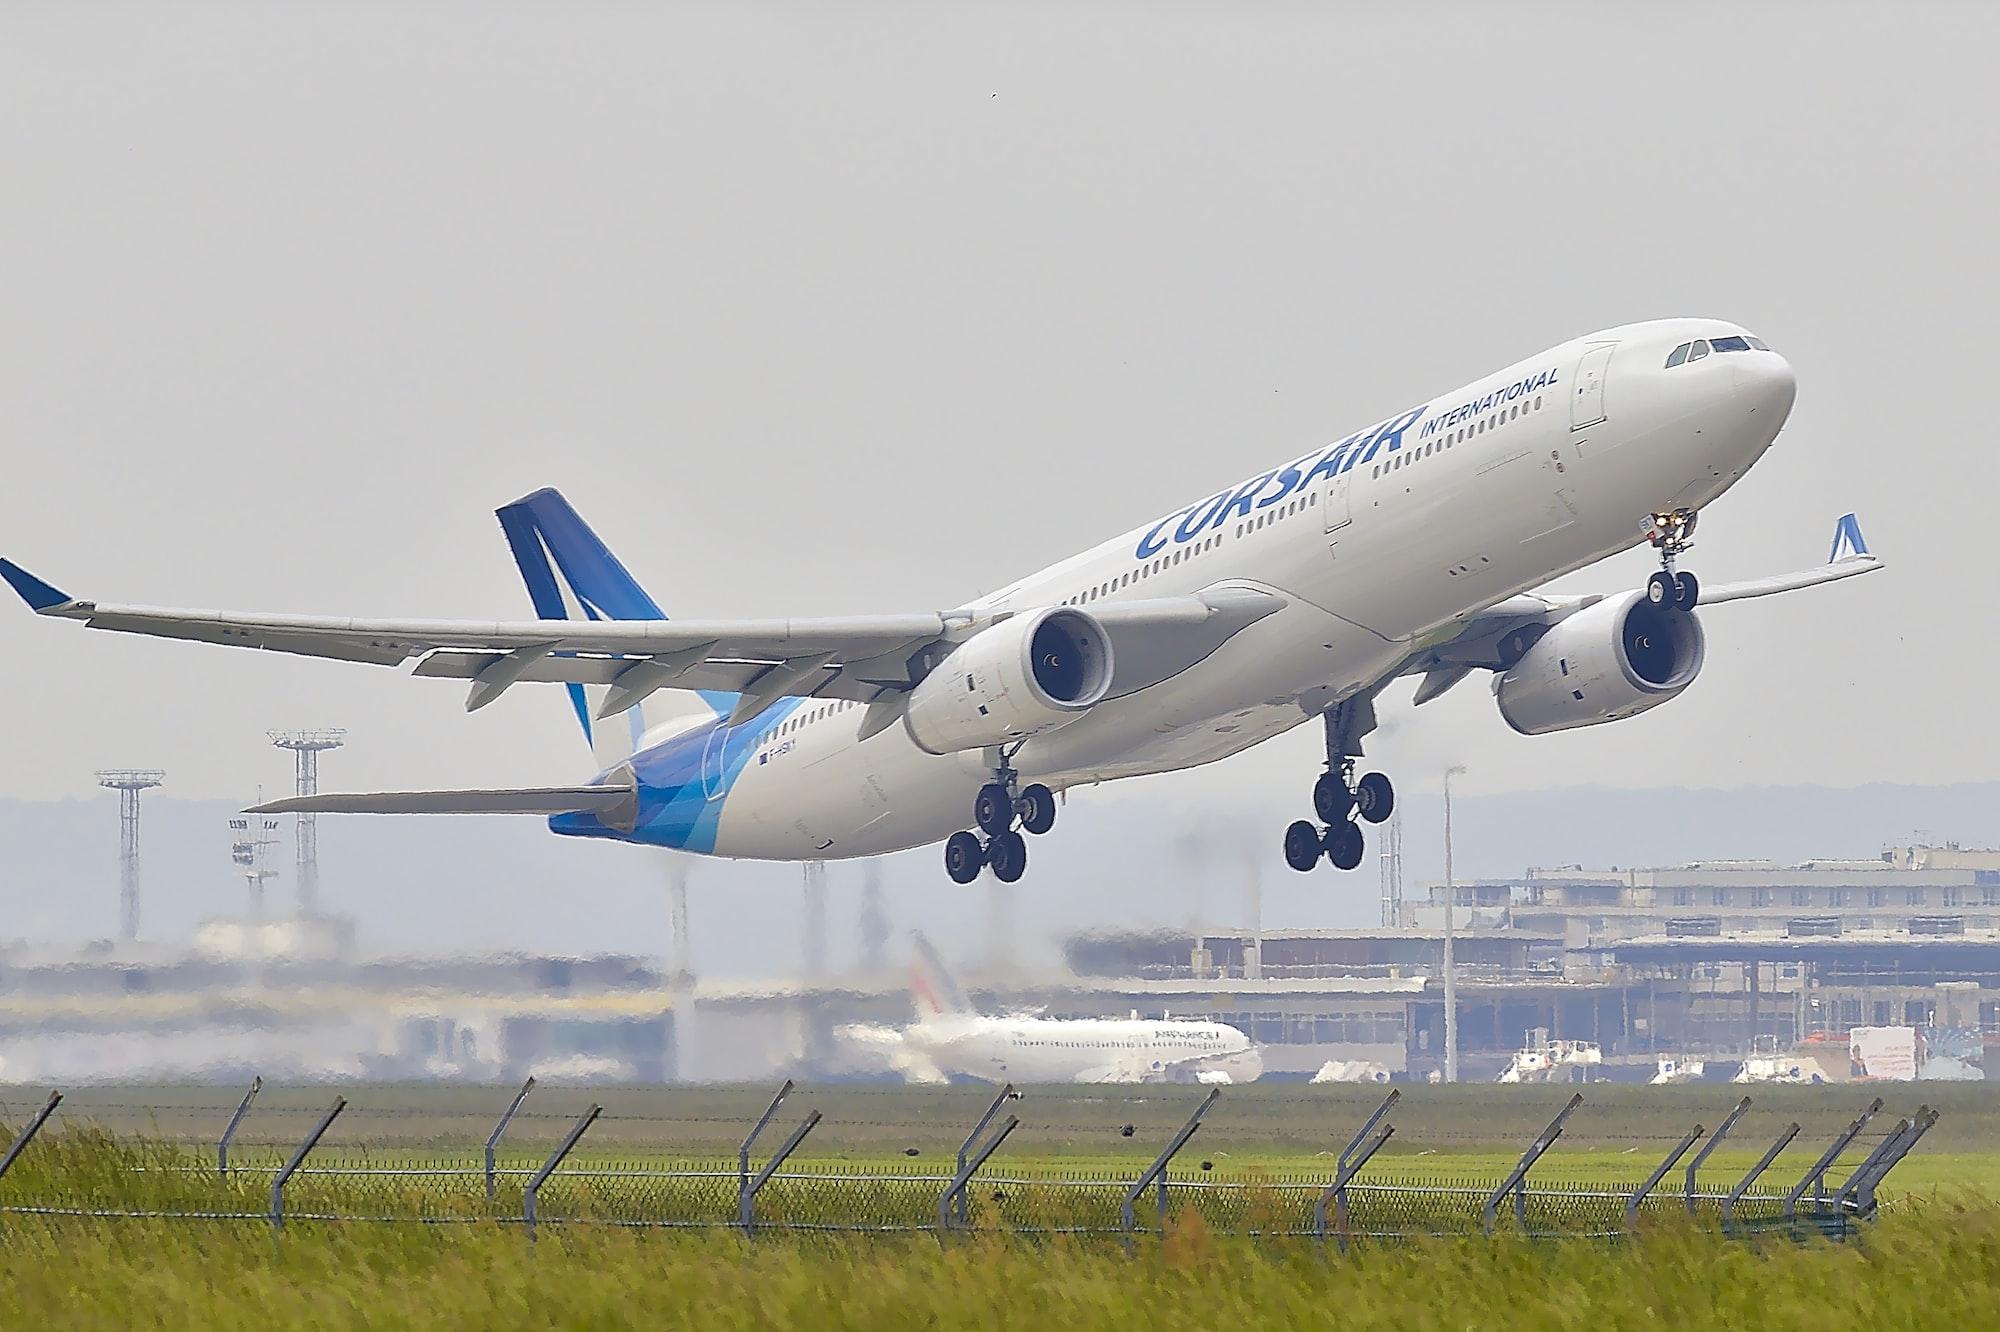 कुवैत व भारत के बीच उड़ानें फिर शुरू, कुछ और देशों को भी मिली राहत